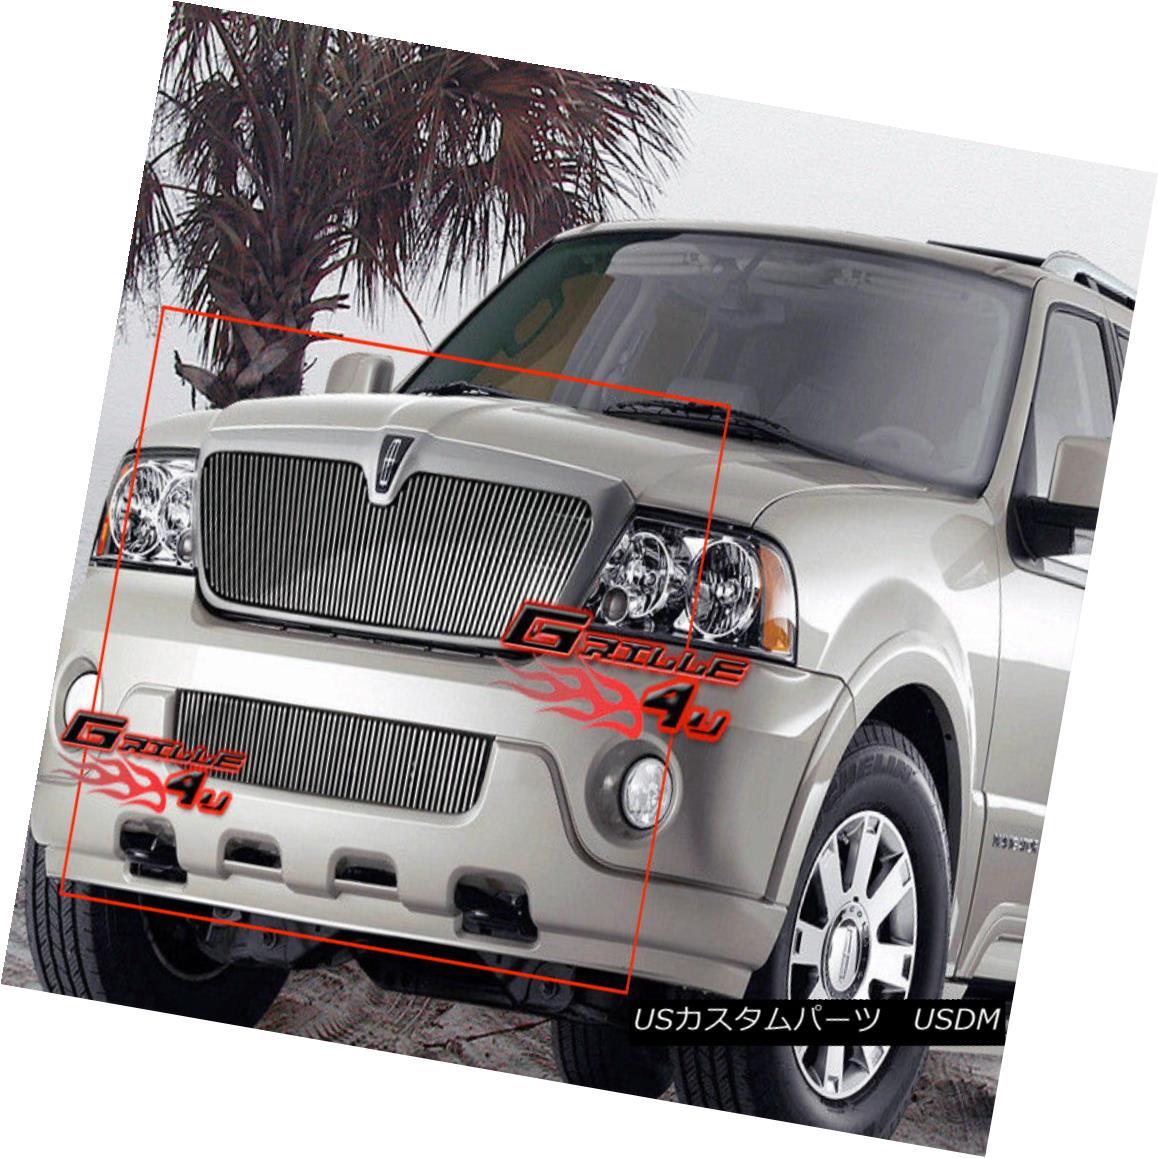 グリル Fits 03-04 Lincoln Navigator Vertical Billet Grille Combo フィット03-04リンカーンナビゲータ縦型ビレットグリルコンボ